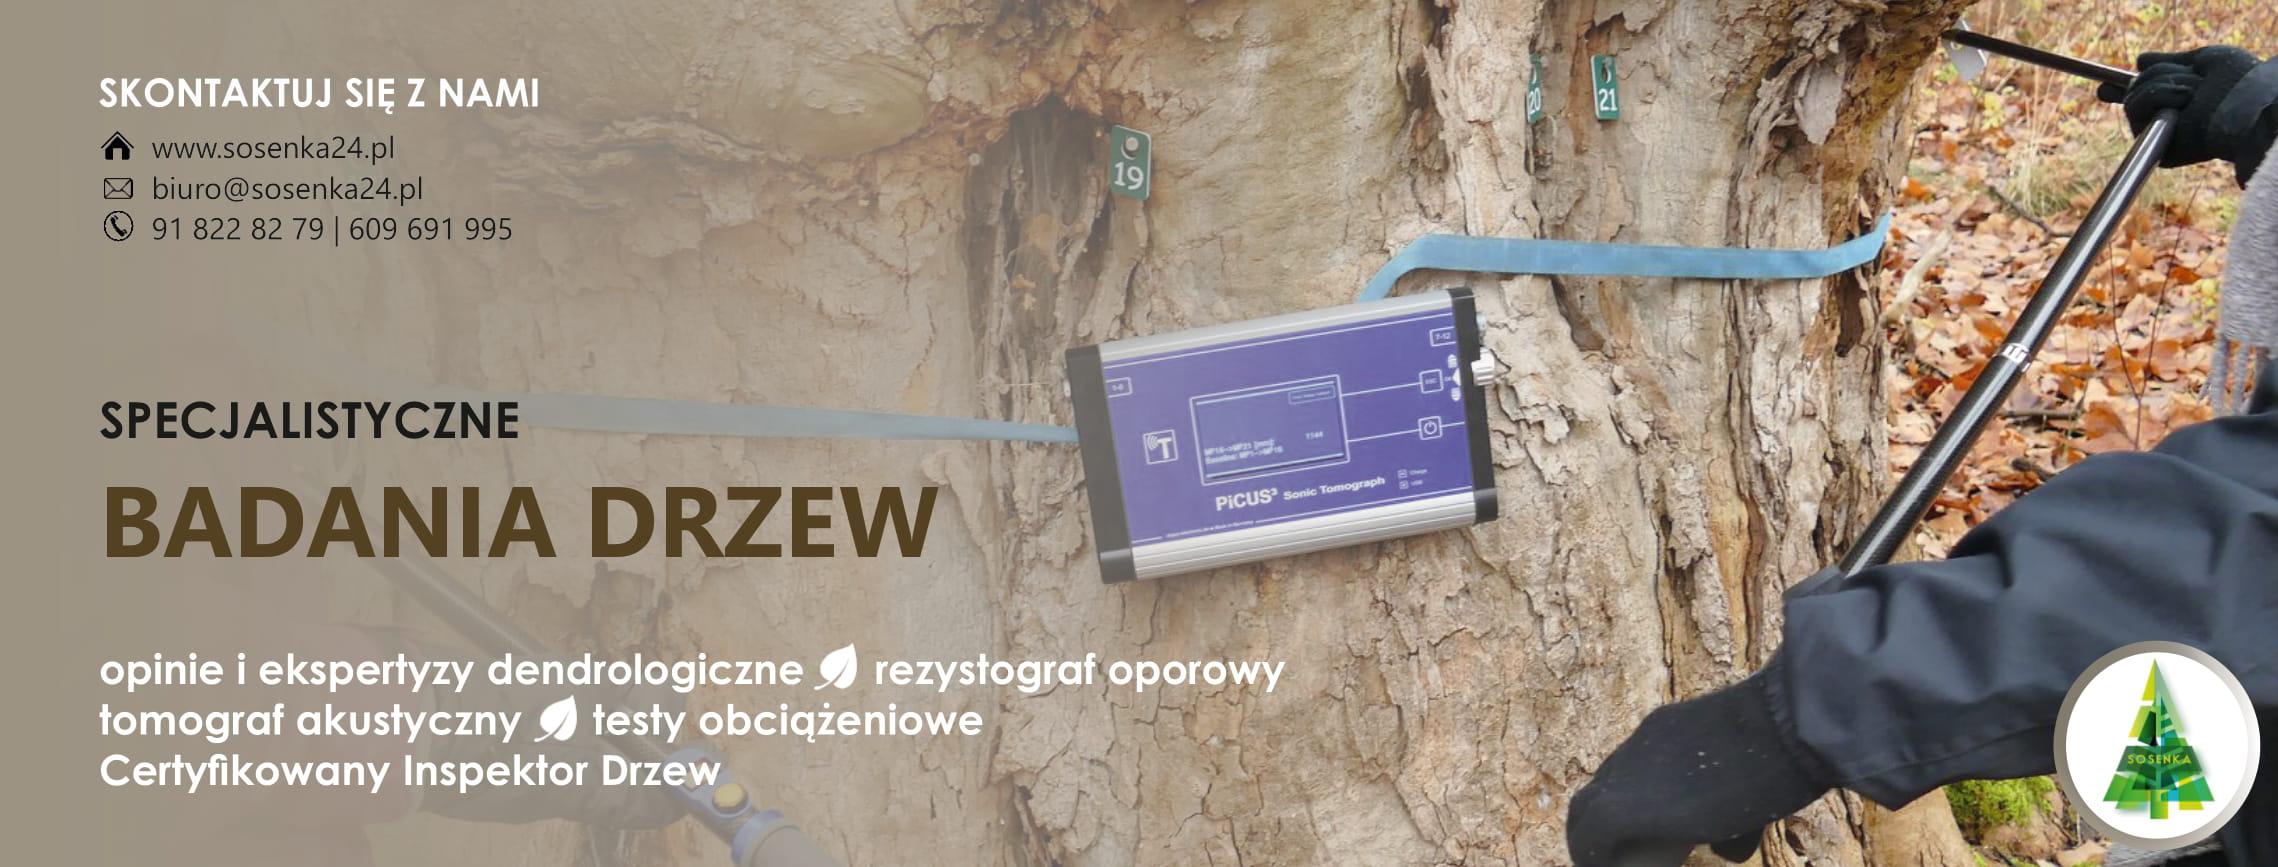 SPecjalistyczne badania drzew